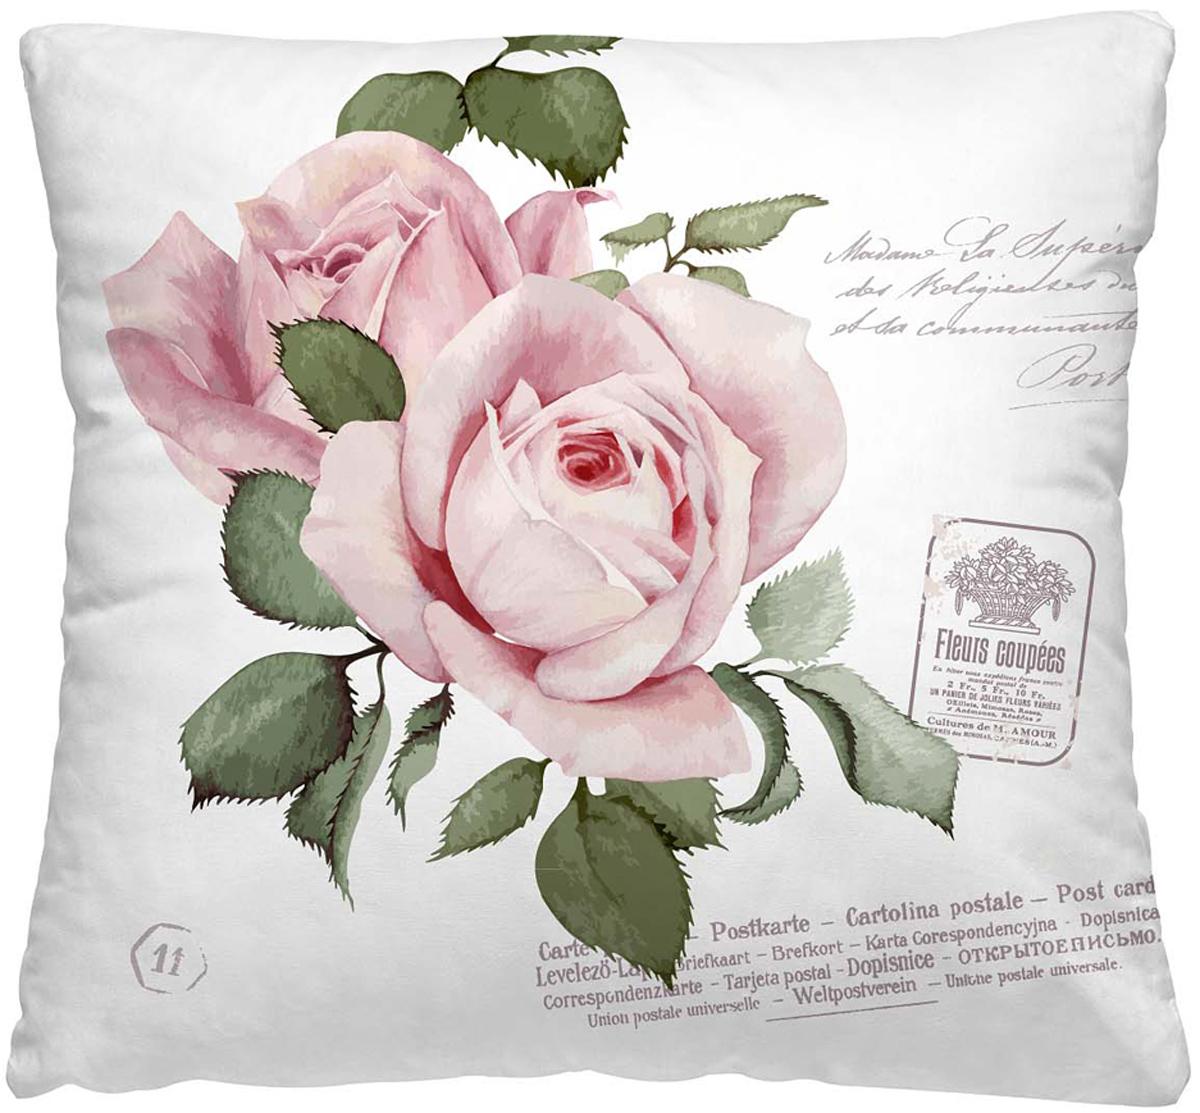 Подушка декоративная Волшебная ночь Розовый бутон, 40 х 40 см195Декоративная подушка Волшебная ночь Розовый бутон прекрасно дополнит интерьер спальни или гостиной. Чехол подушки выполнен из 100% полиэстера.Лицевая сторона украшена красивым рисунком. Наполнитель - полиэстер.Красивая подушка создаст атмосферу уюта в доме и станет прекраснымэлементом декора. Особенности изделия: - Съёмный чехол на молнии; - Наполнитель в индивидуальной наволочке; - Оборотная сторона темно-розового цвета из стёганого полотна для улучшения формоустойчивости. Размер: 40 x 40 см.